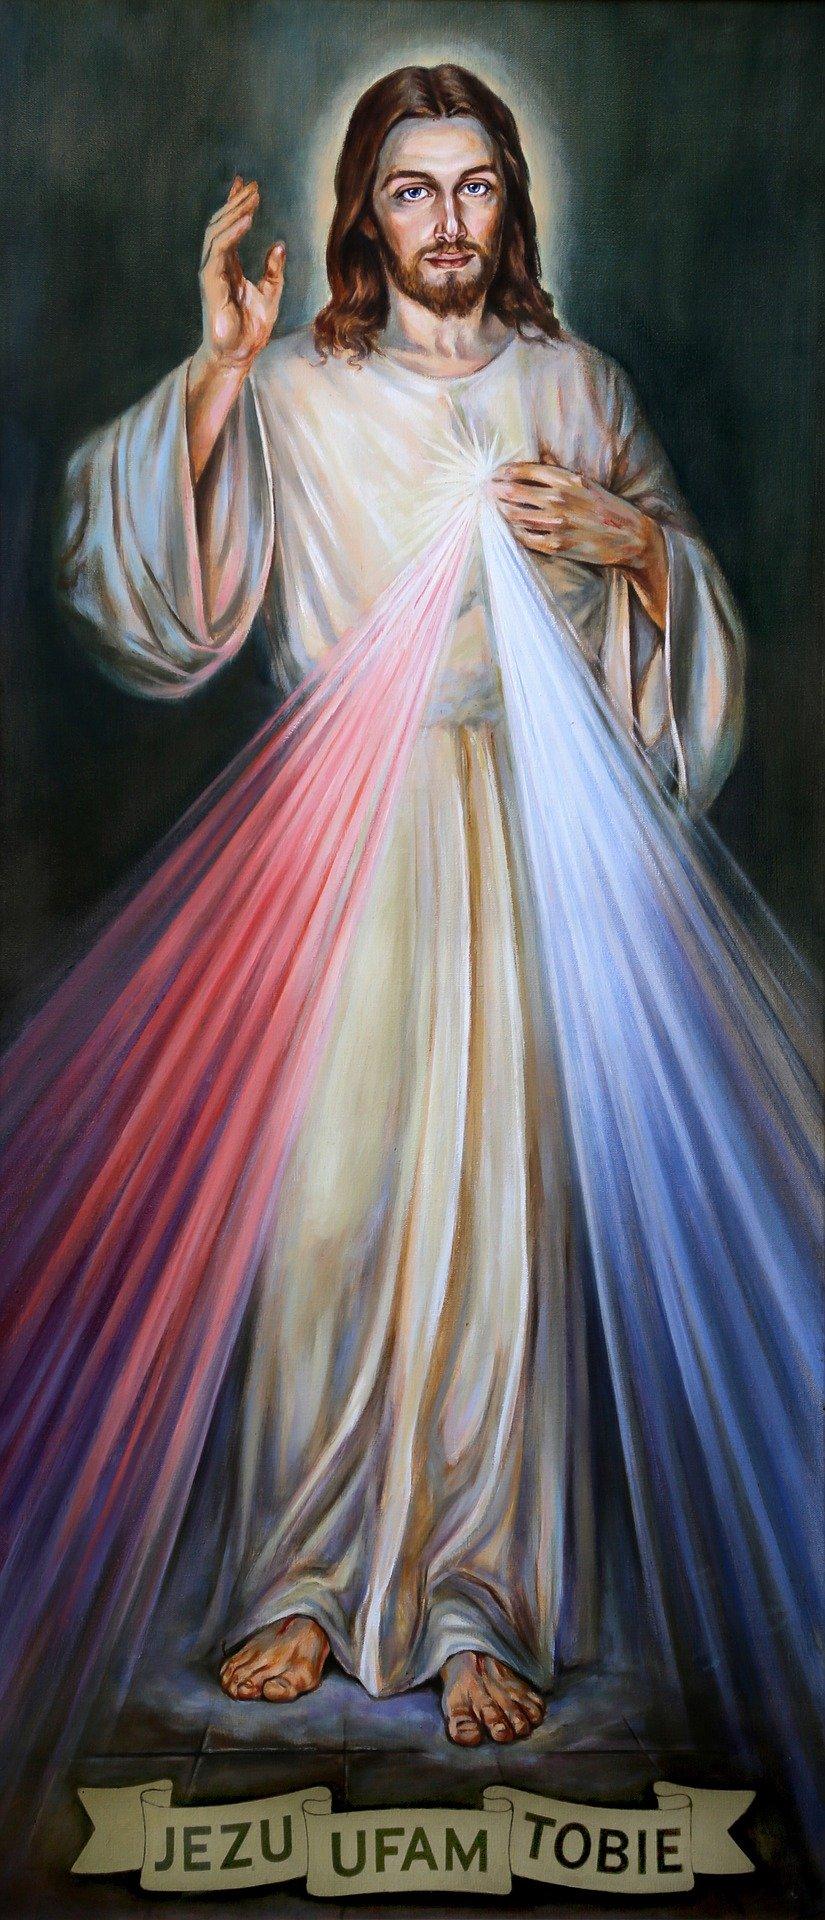 Evangelium a kázání - 2.neděle velikonoční  19.4. 2o2o